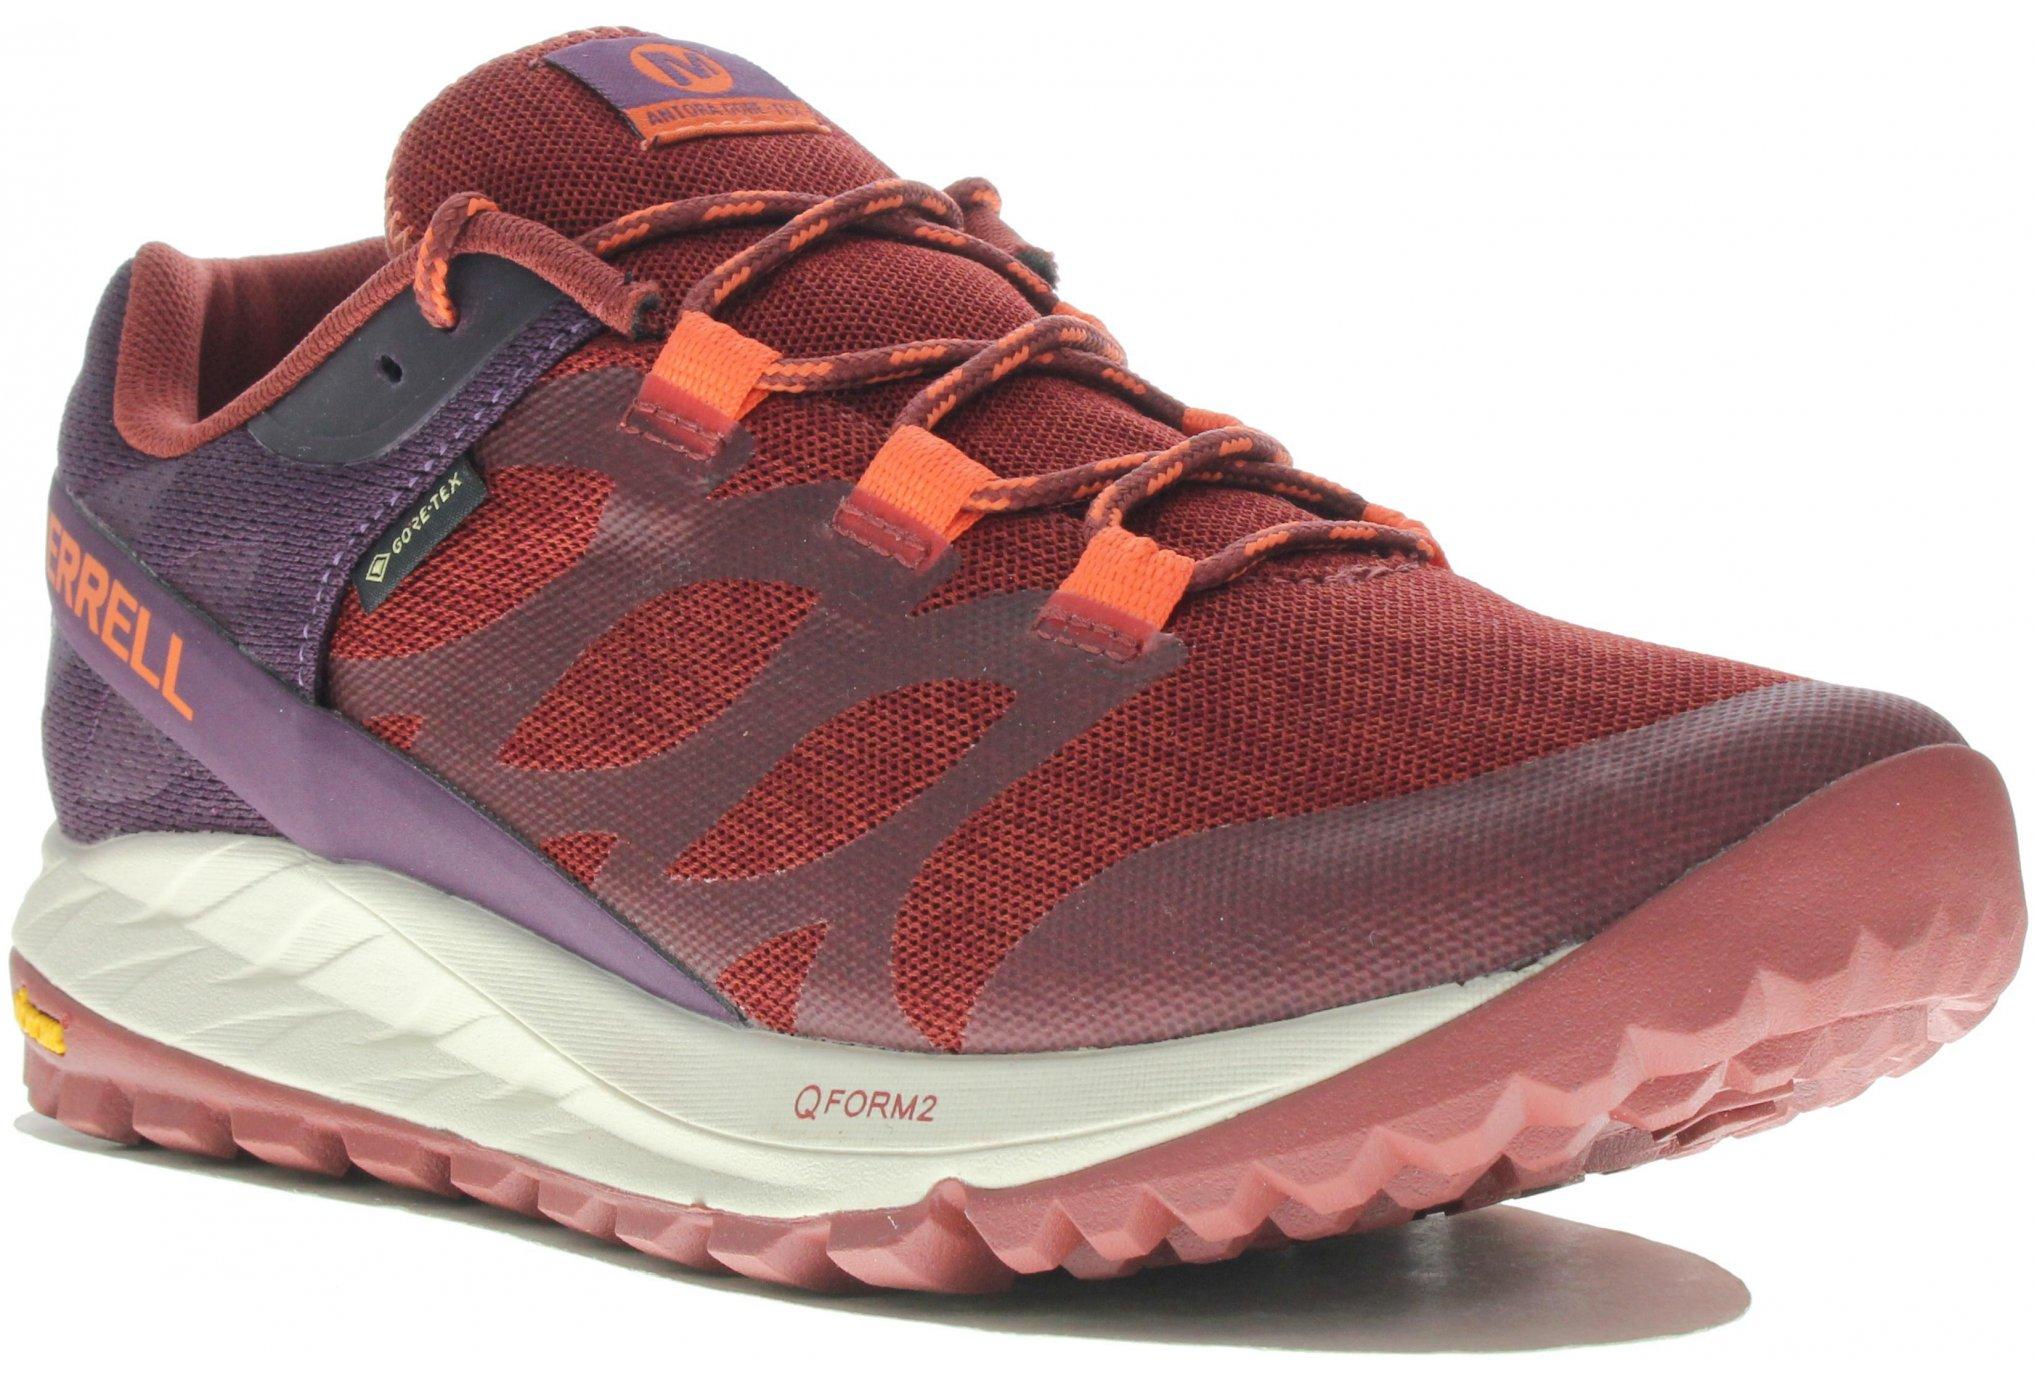 Merrell Antora Gore-Tex Chaussures running femme